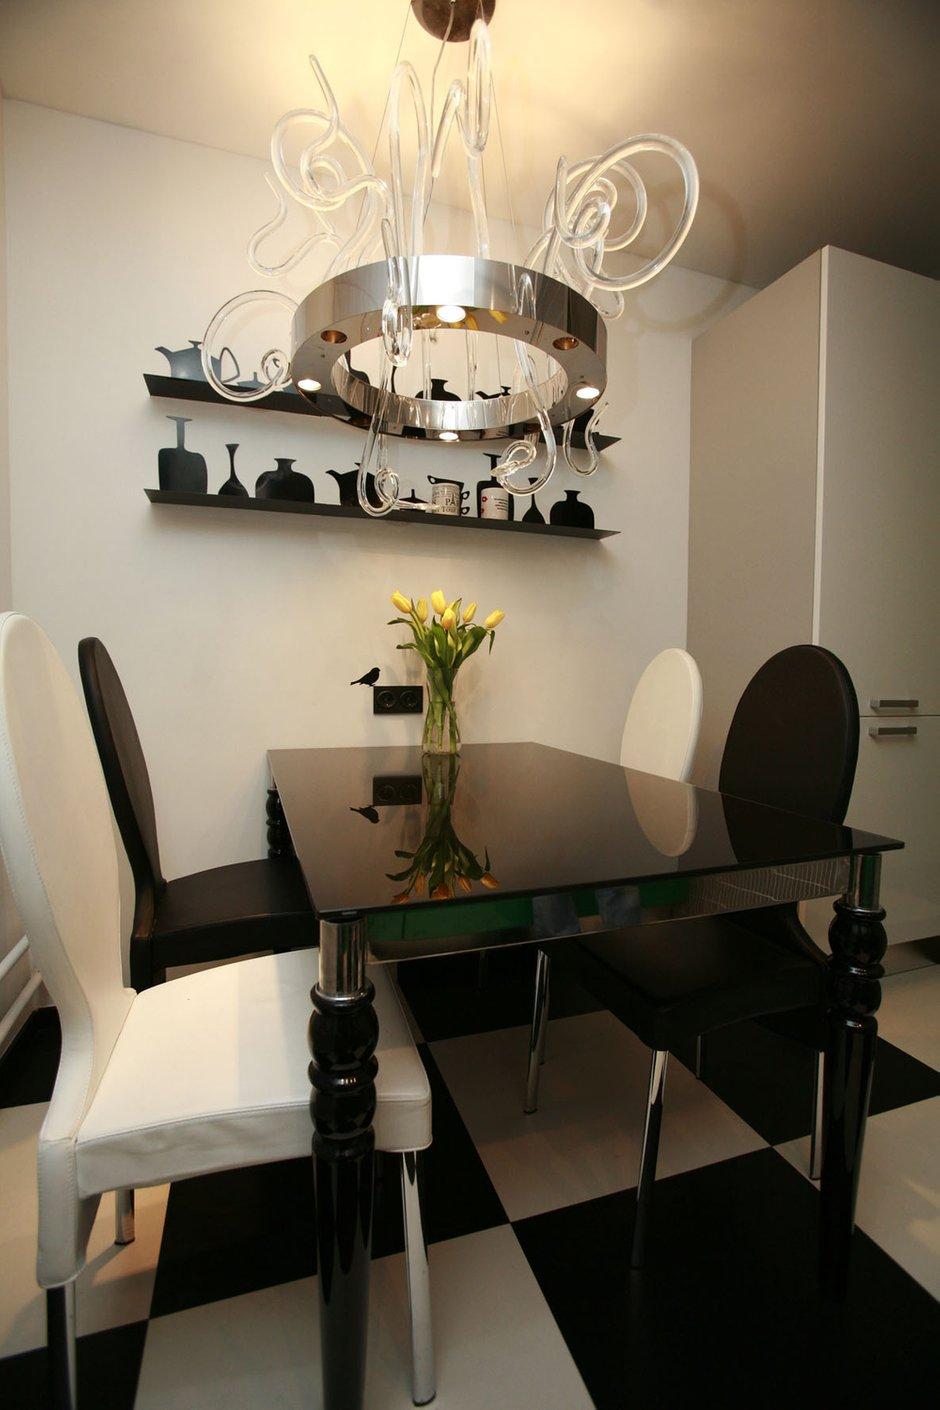 Фотография: Кухня и столовая в стиле Эклектика, Квартира, Дома и квартиры, Перепланировка, Ремонт – фото на INMYROOM